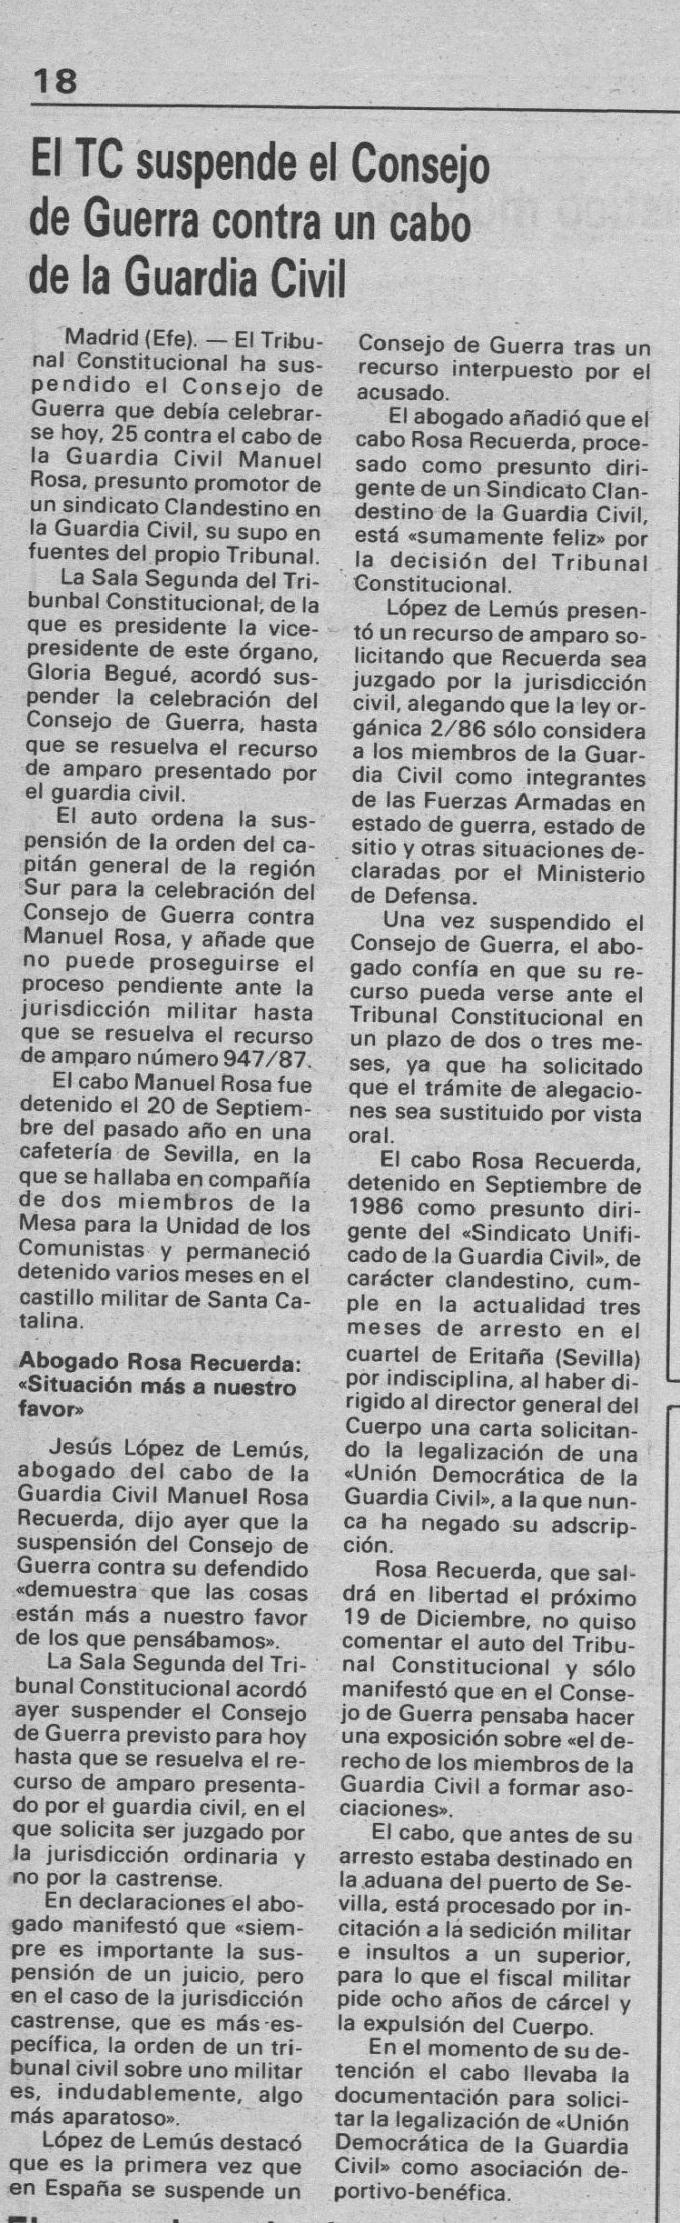 Diario de Burgos de avisos y noticias 1987 noviembre 25